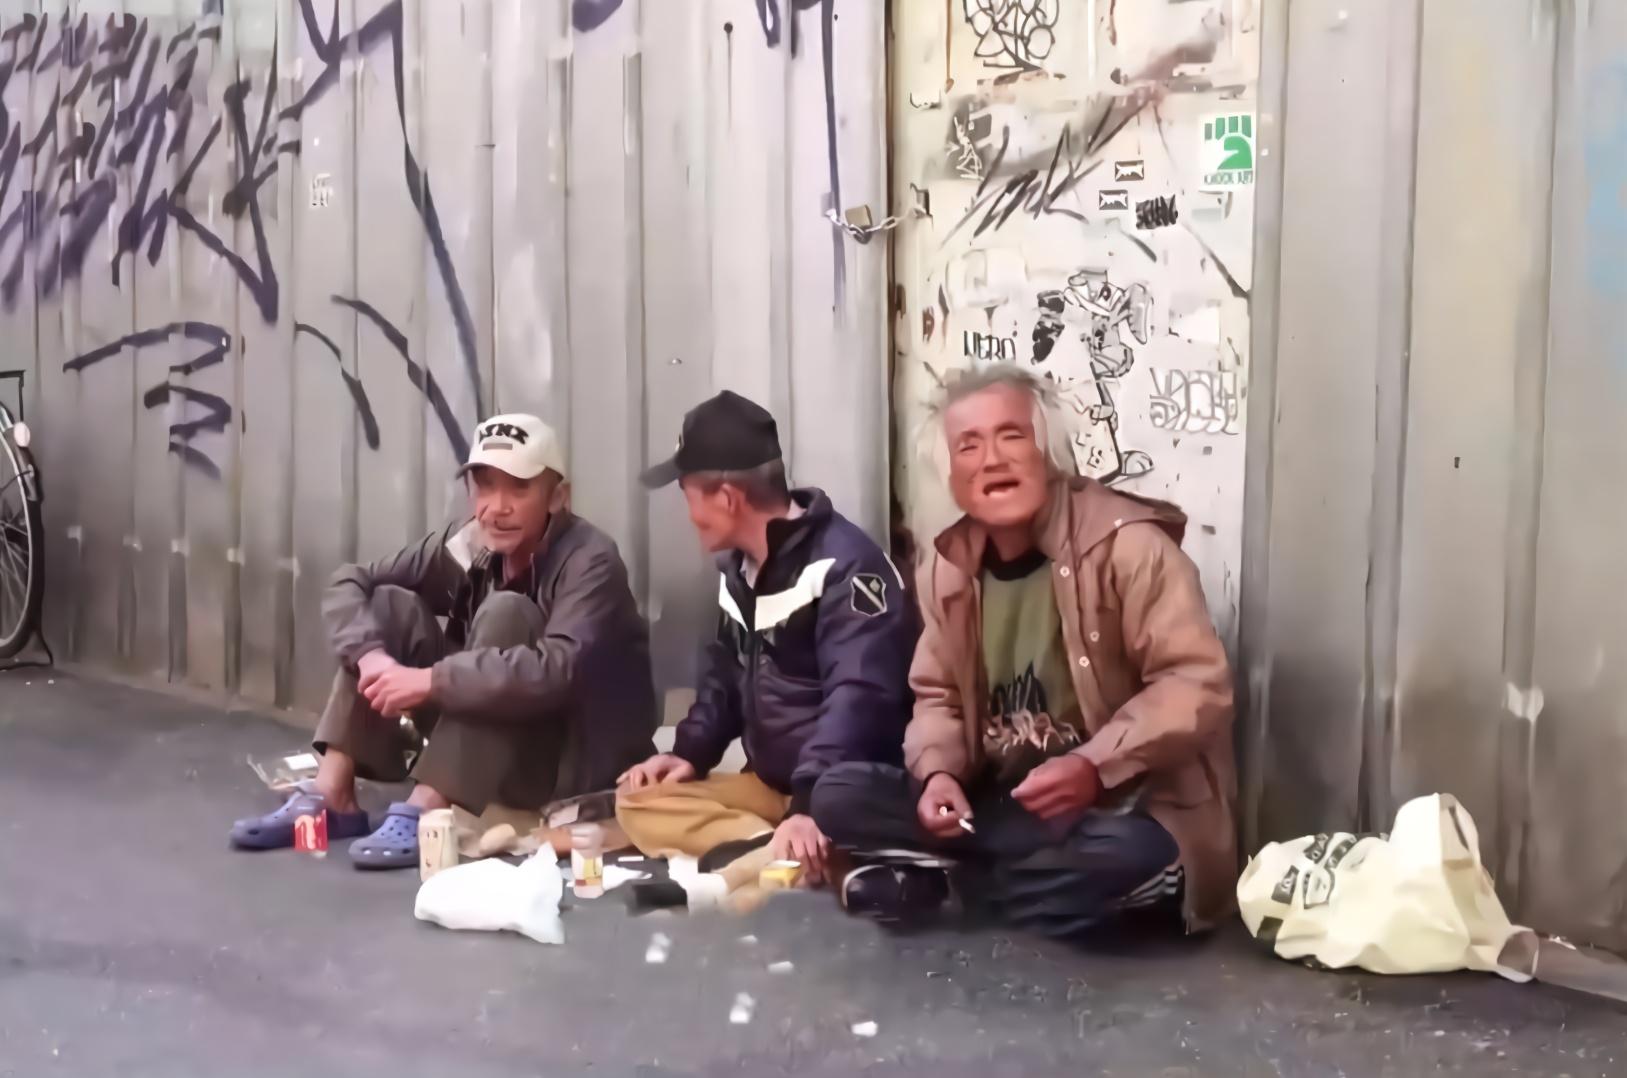 日本穷人的生活是怎样的?原来能拿低保的 都不算穷了